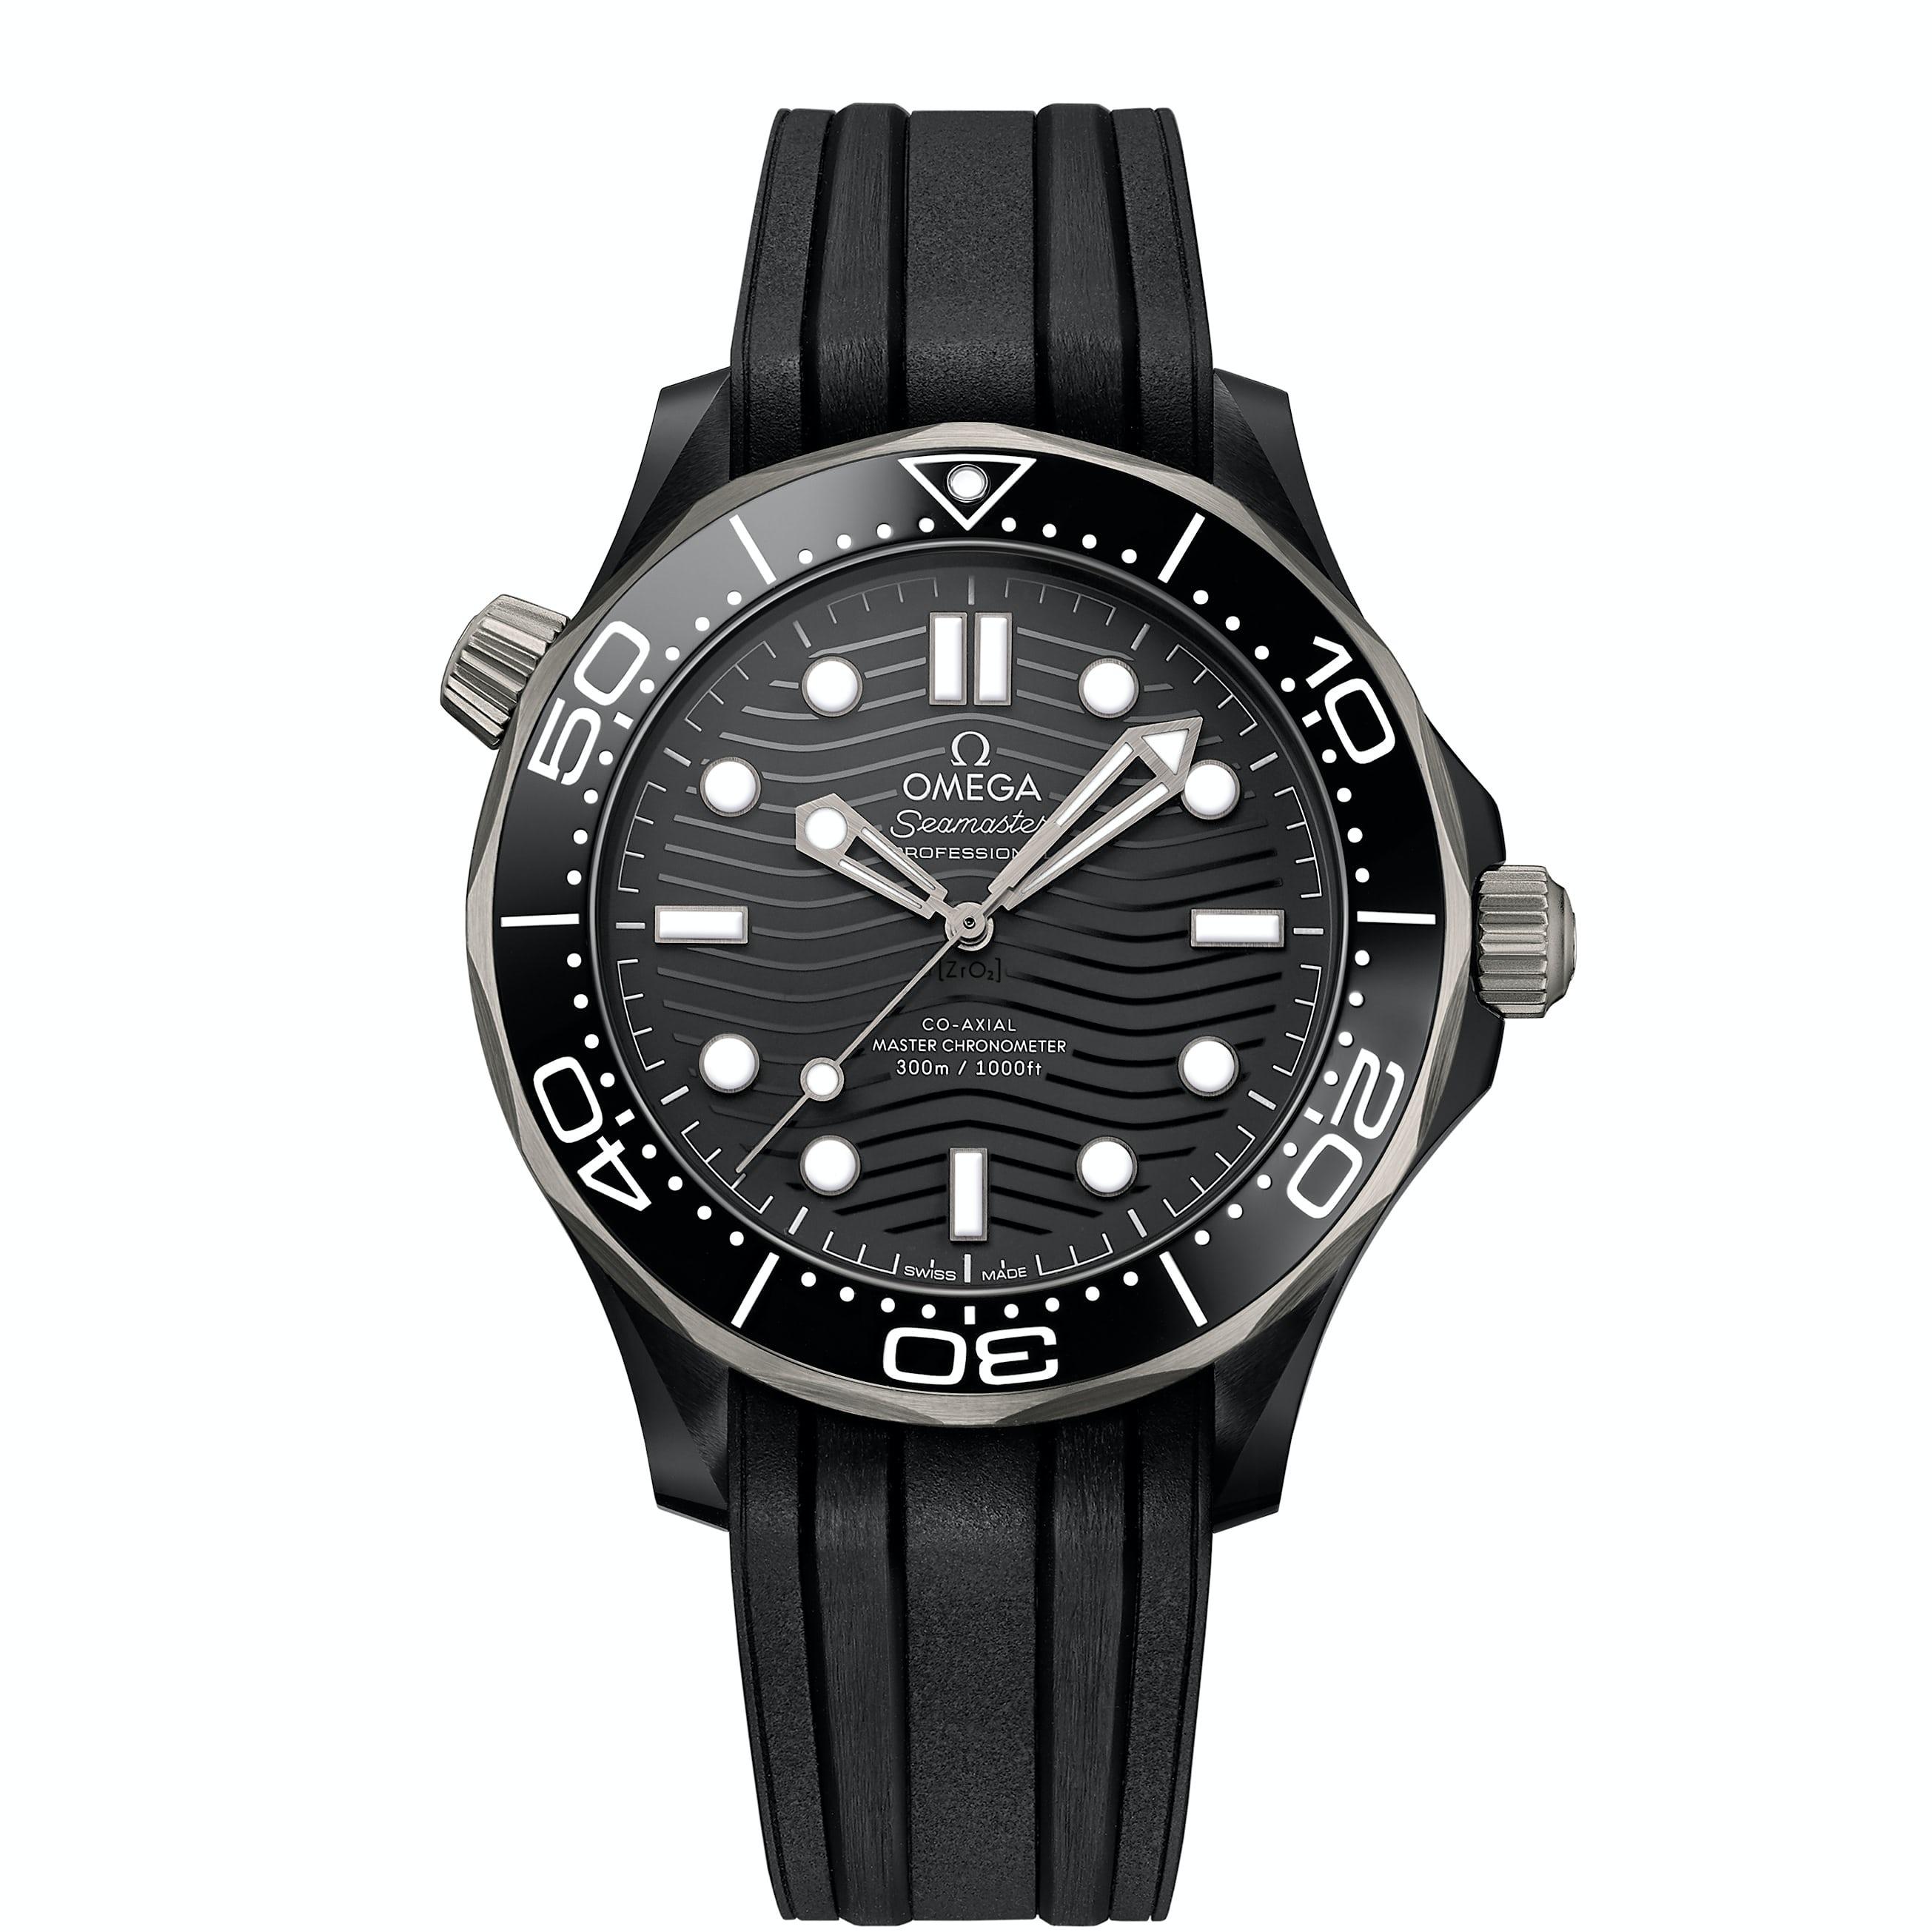 omega-seamaster-diver-300m-ceramic-titaniumk-rendering